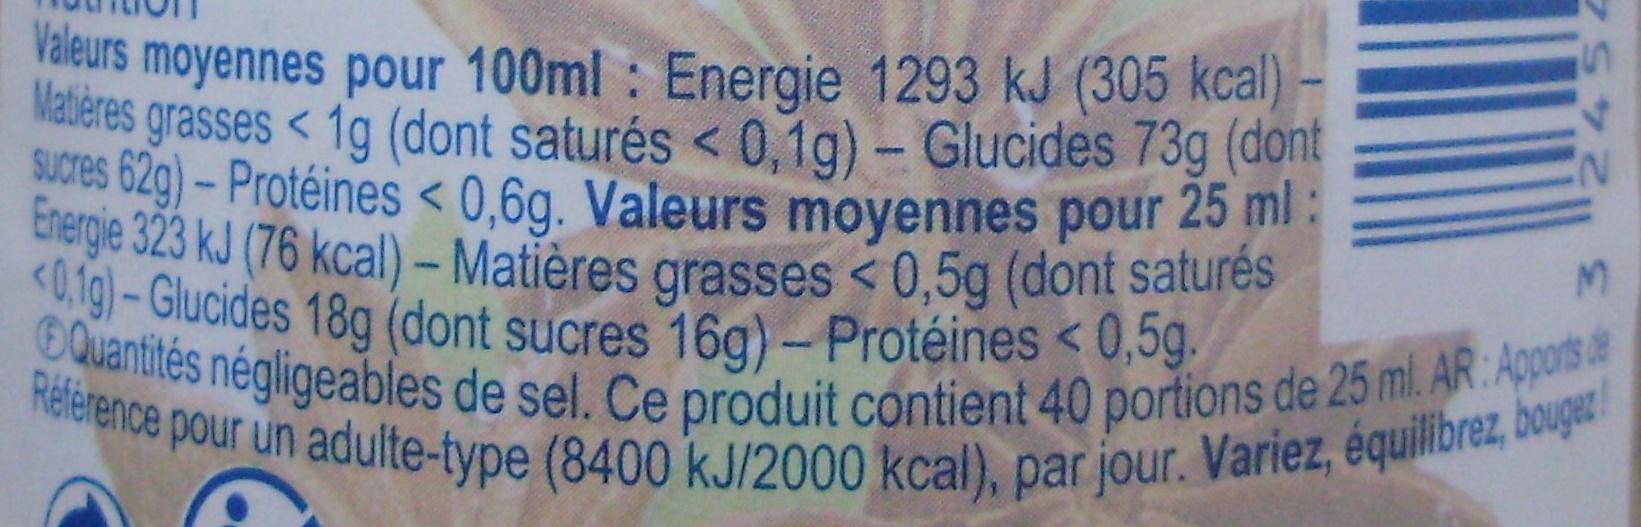 Sirop ANIS - Voedingswaarden - fr